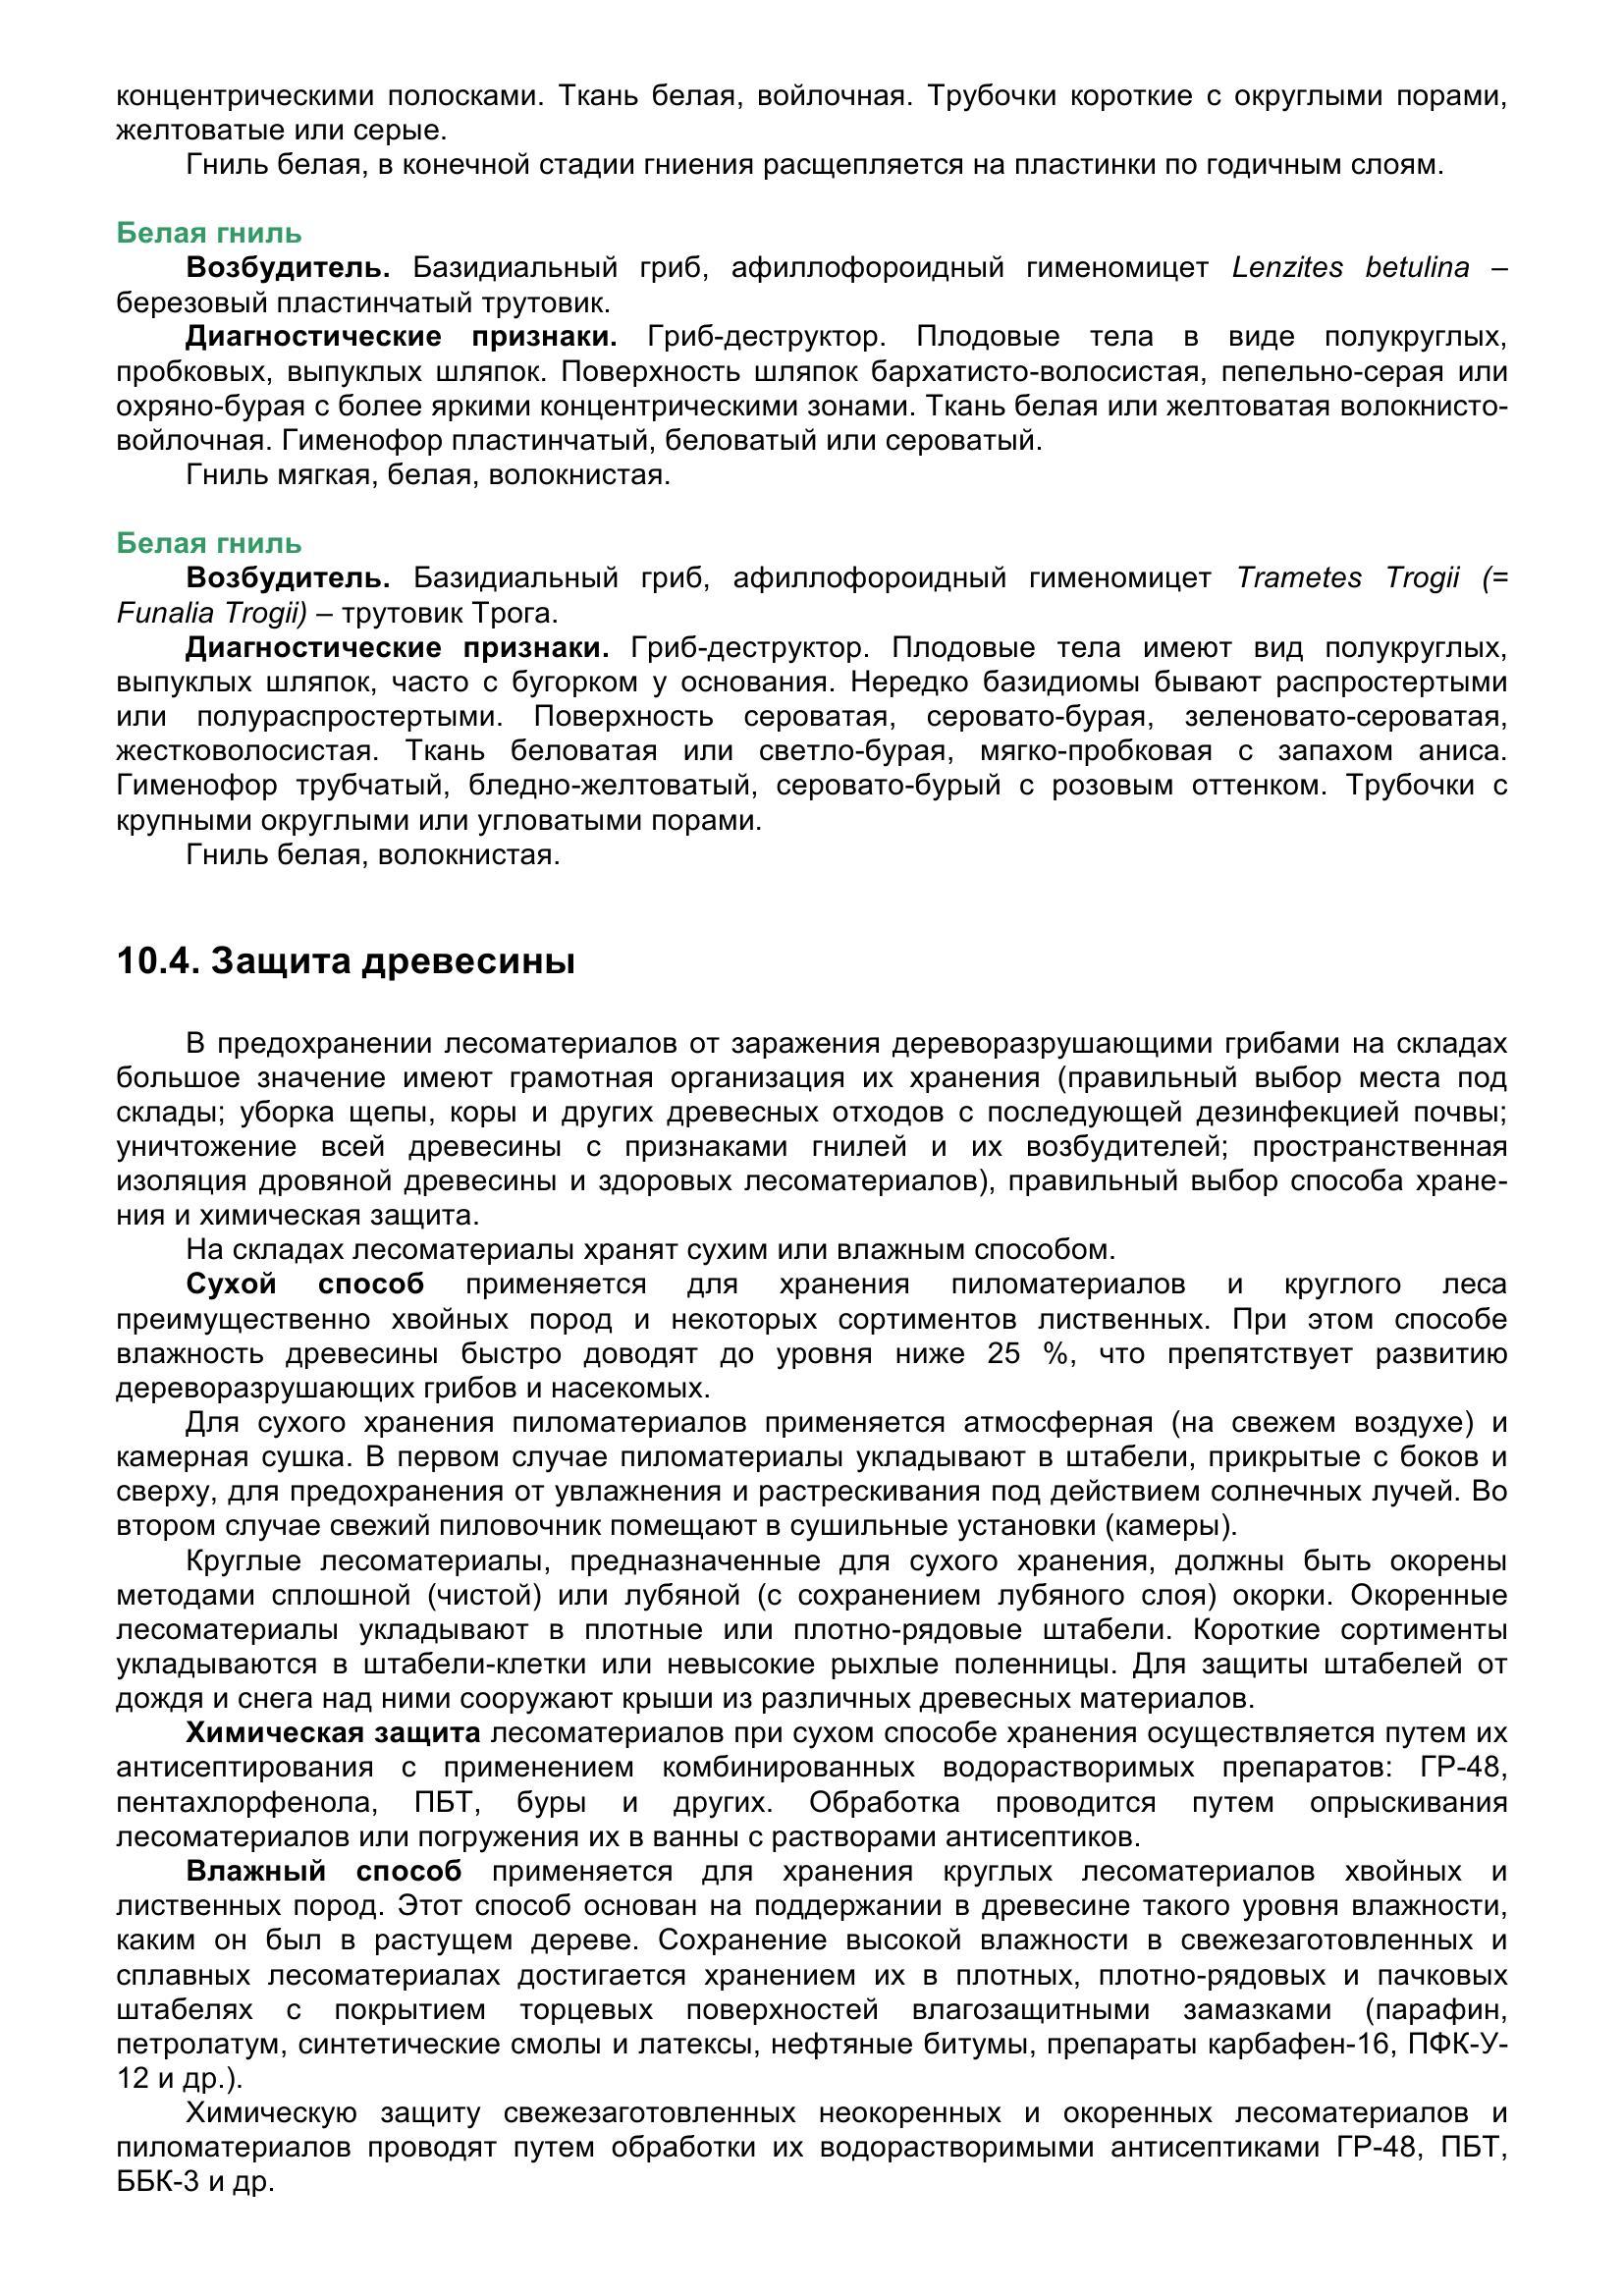 Болезни_древесных_растений_113.jpg